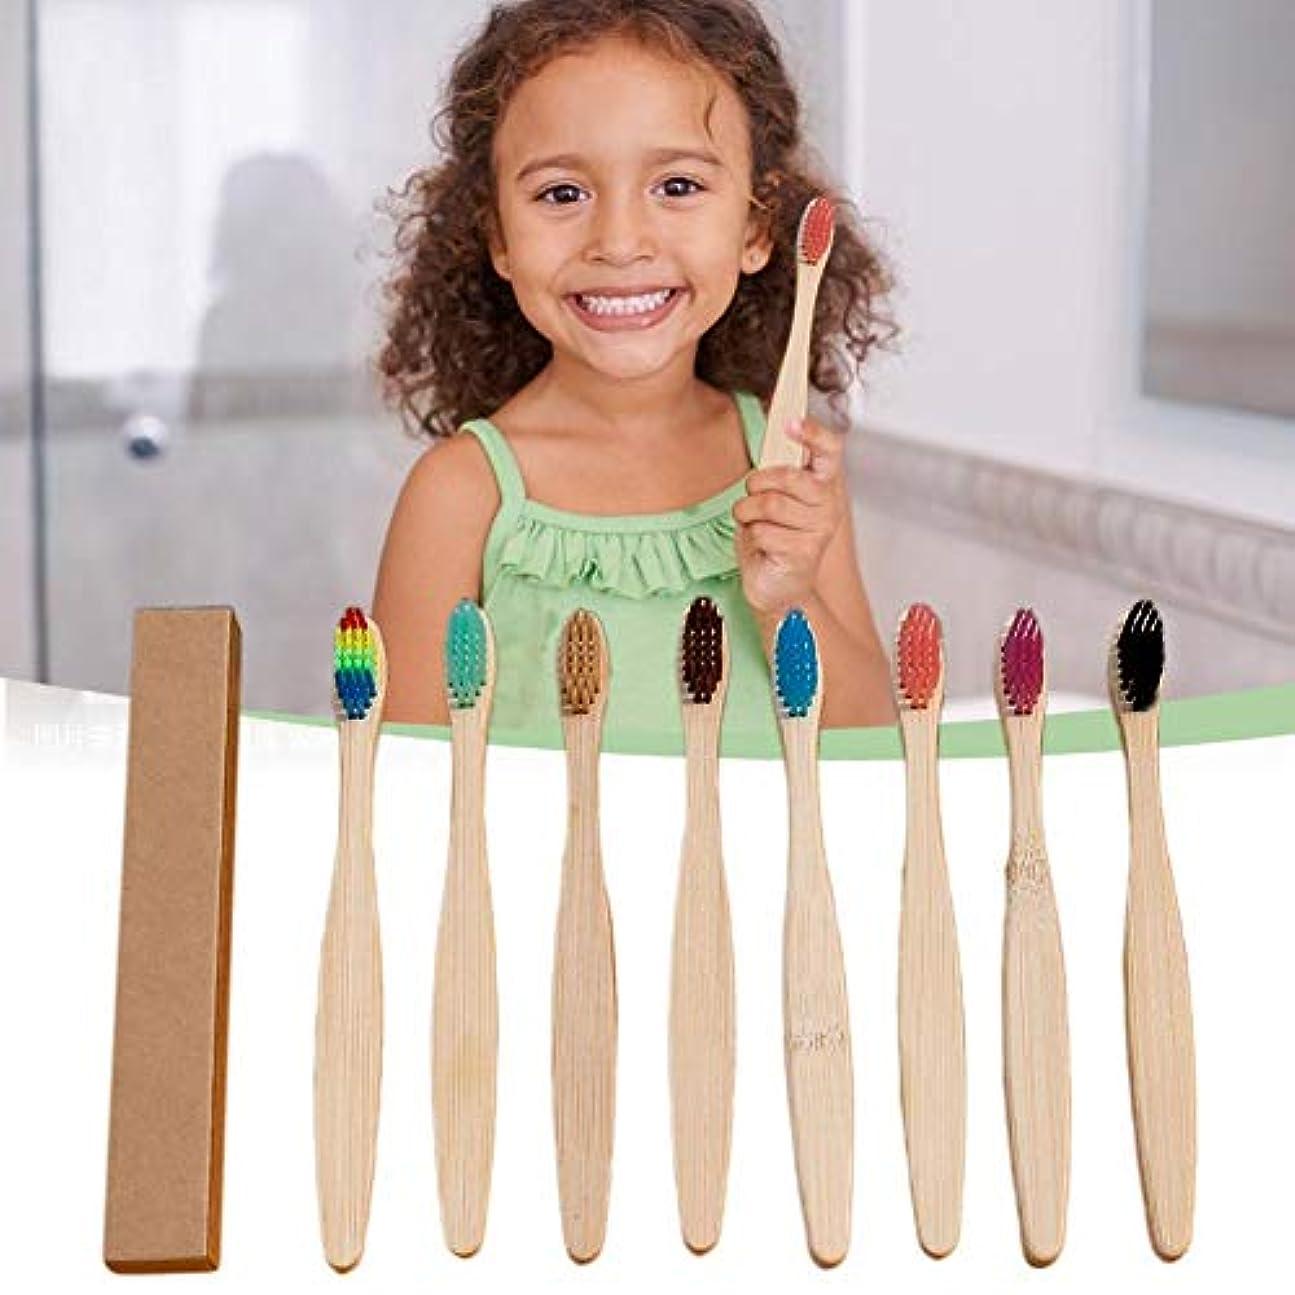 給料砲兵流星10色竹歯ブラシ子供用竹歯ブラシソフトブリストル子供用歯ブラシセット口腔ケア用